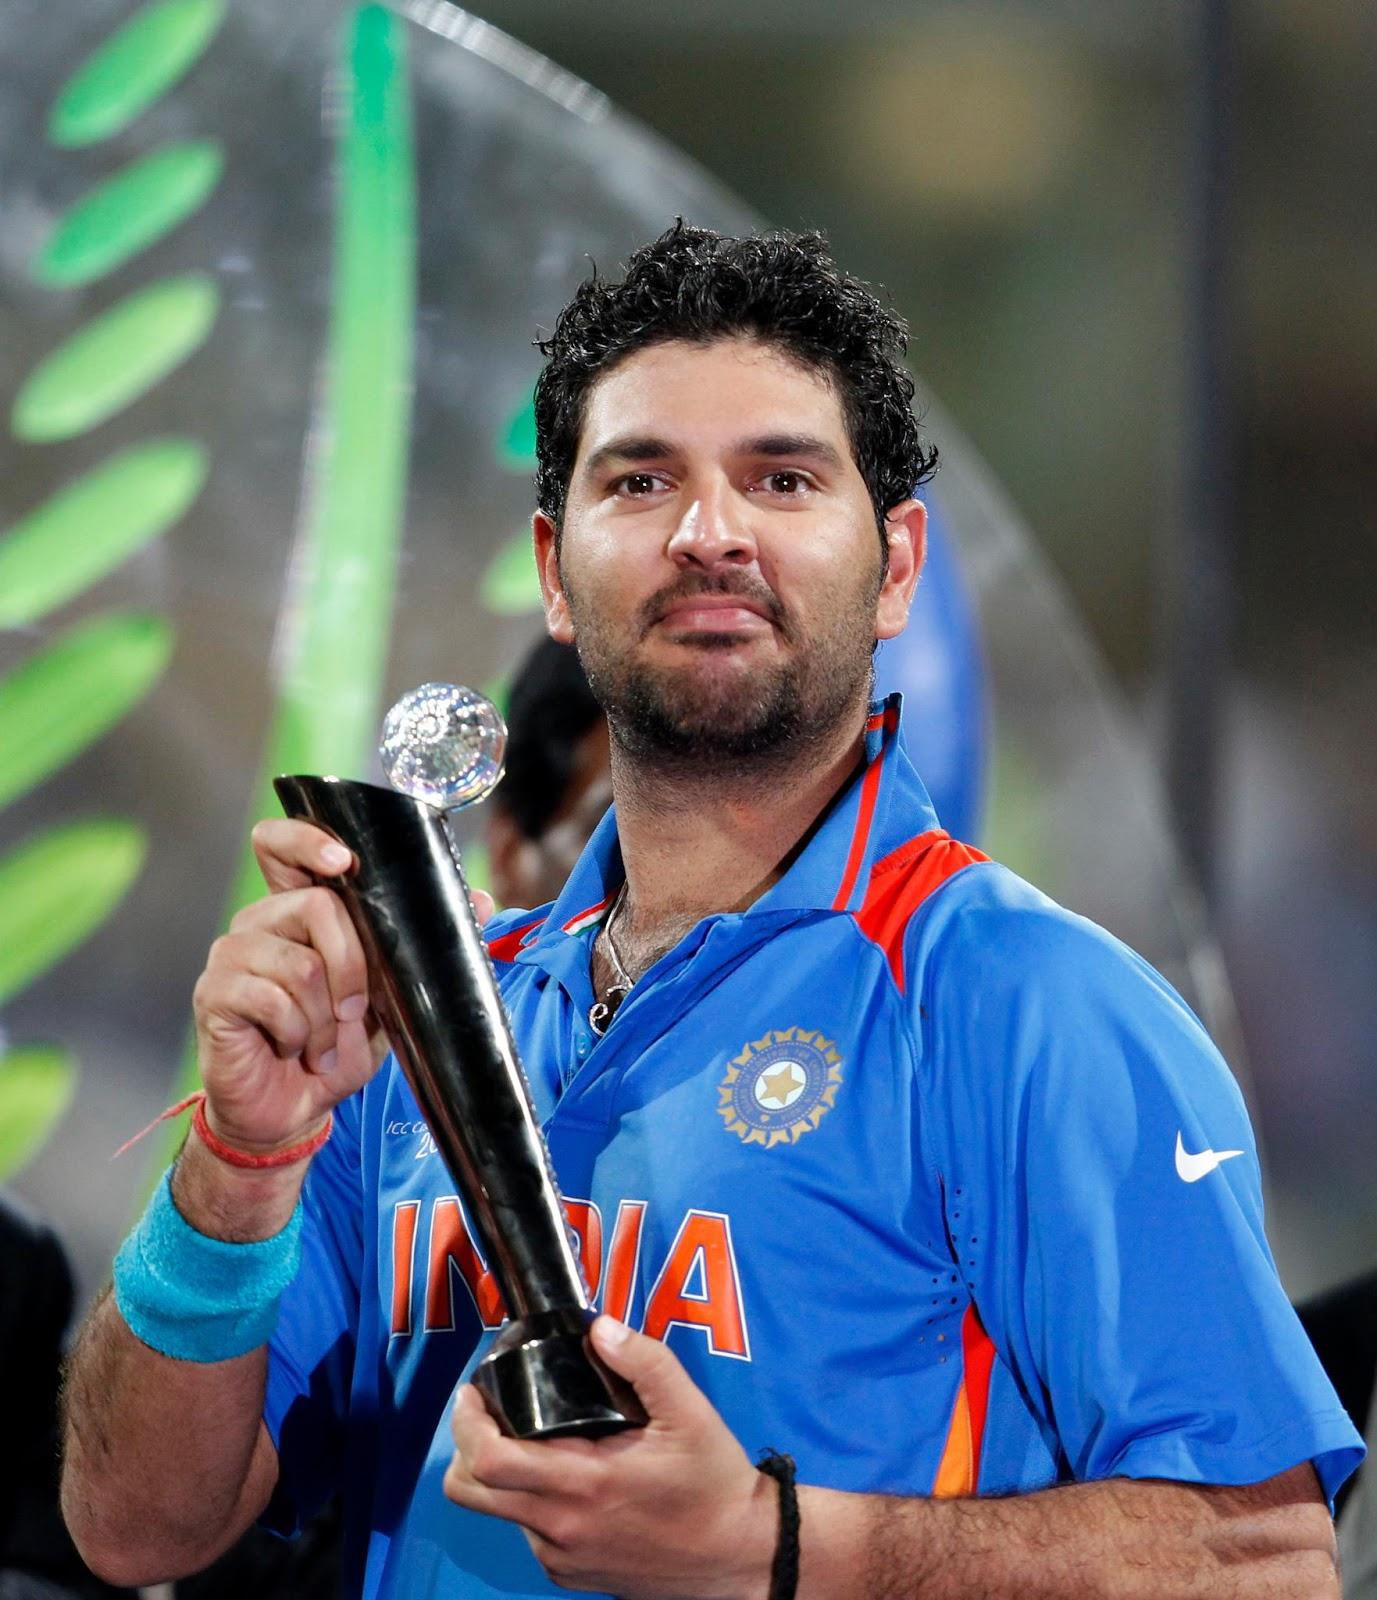 ইয়ো ইয়ো টেস্ট পাশ করলেন যুবি, টি২০ ও টেস্ট দলে ফিরে আসার সম্ভবনা প্রবল 1